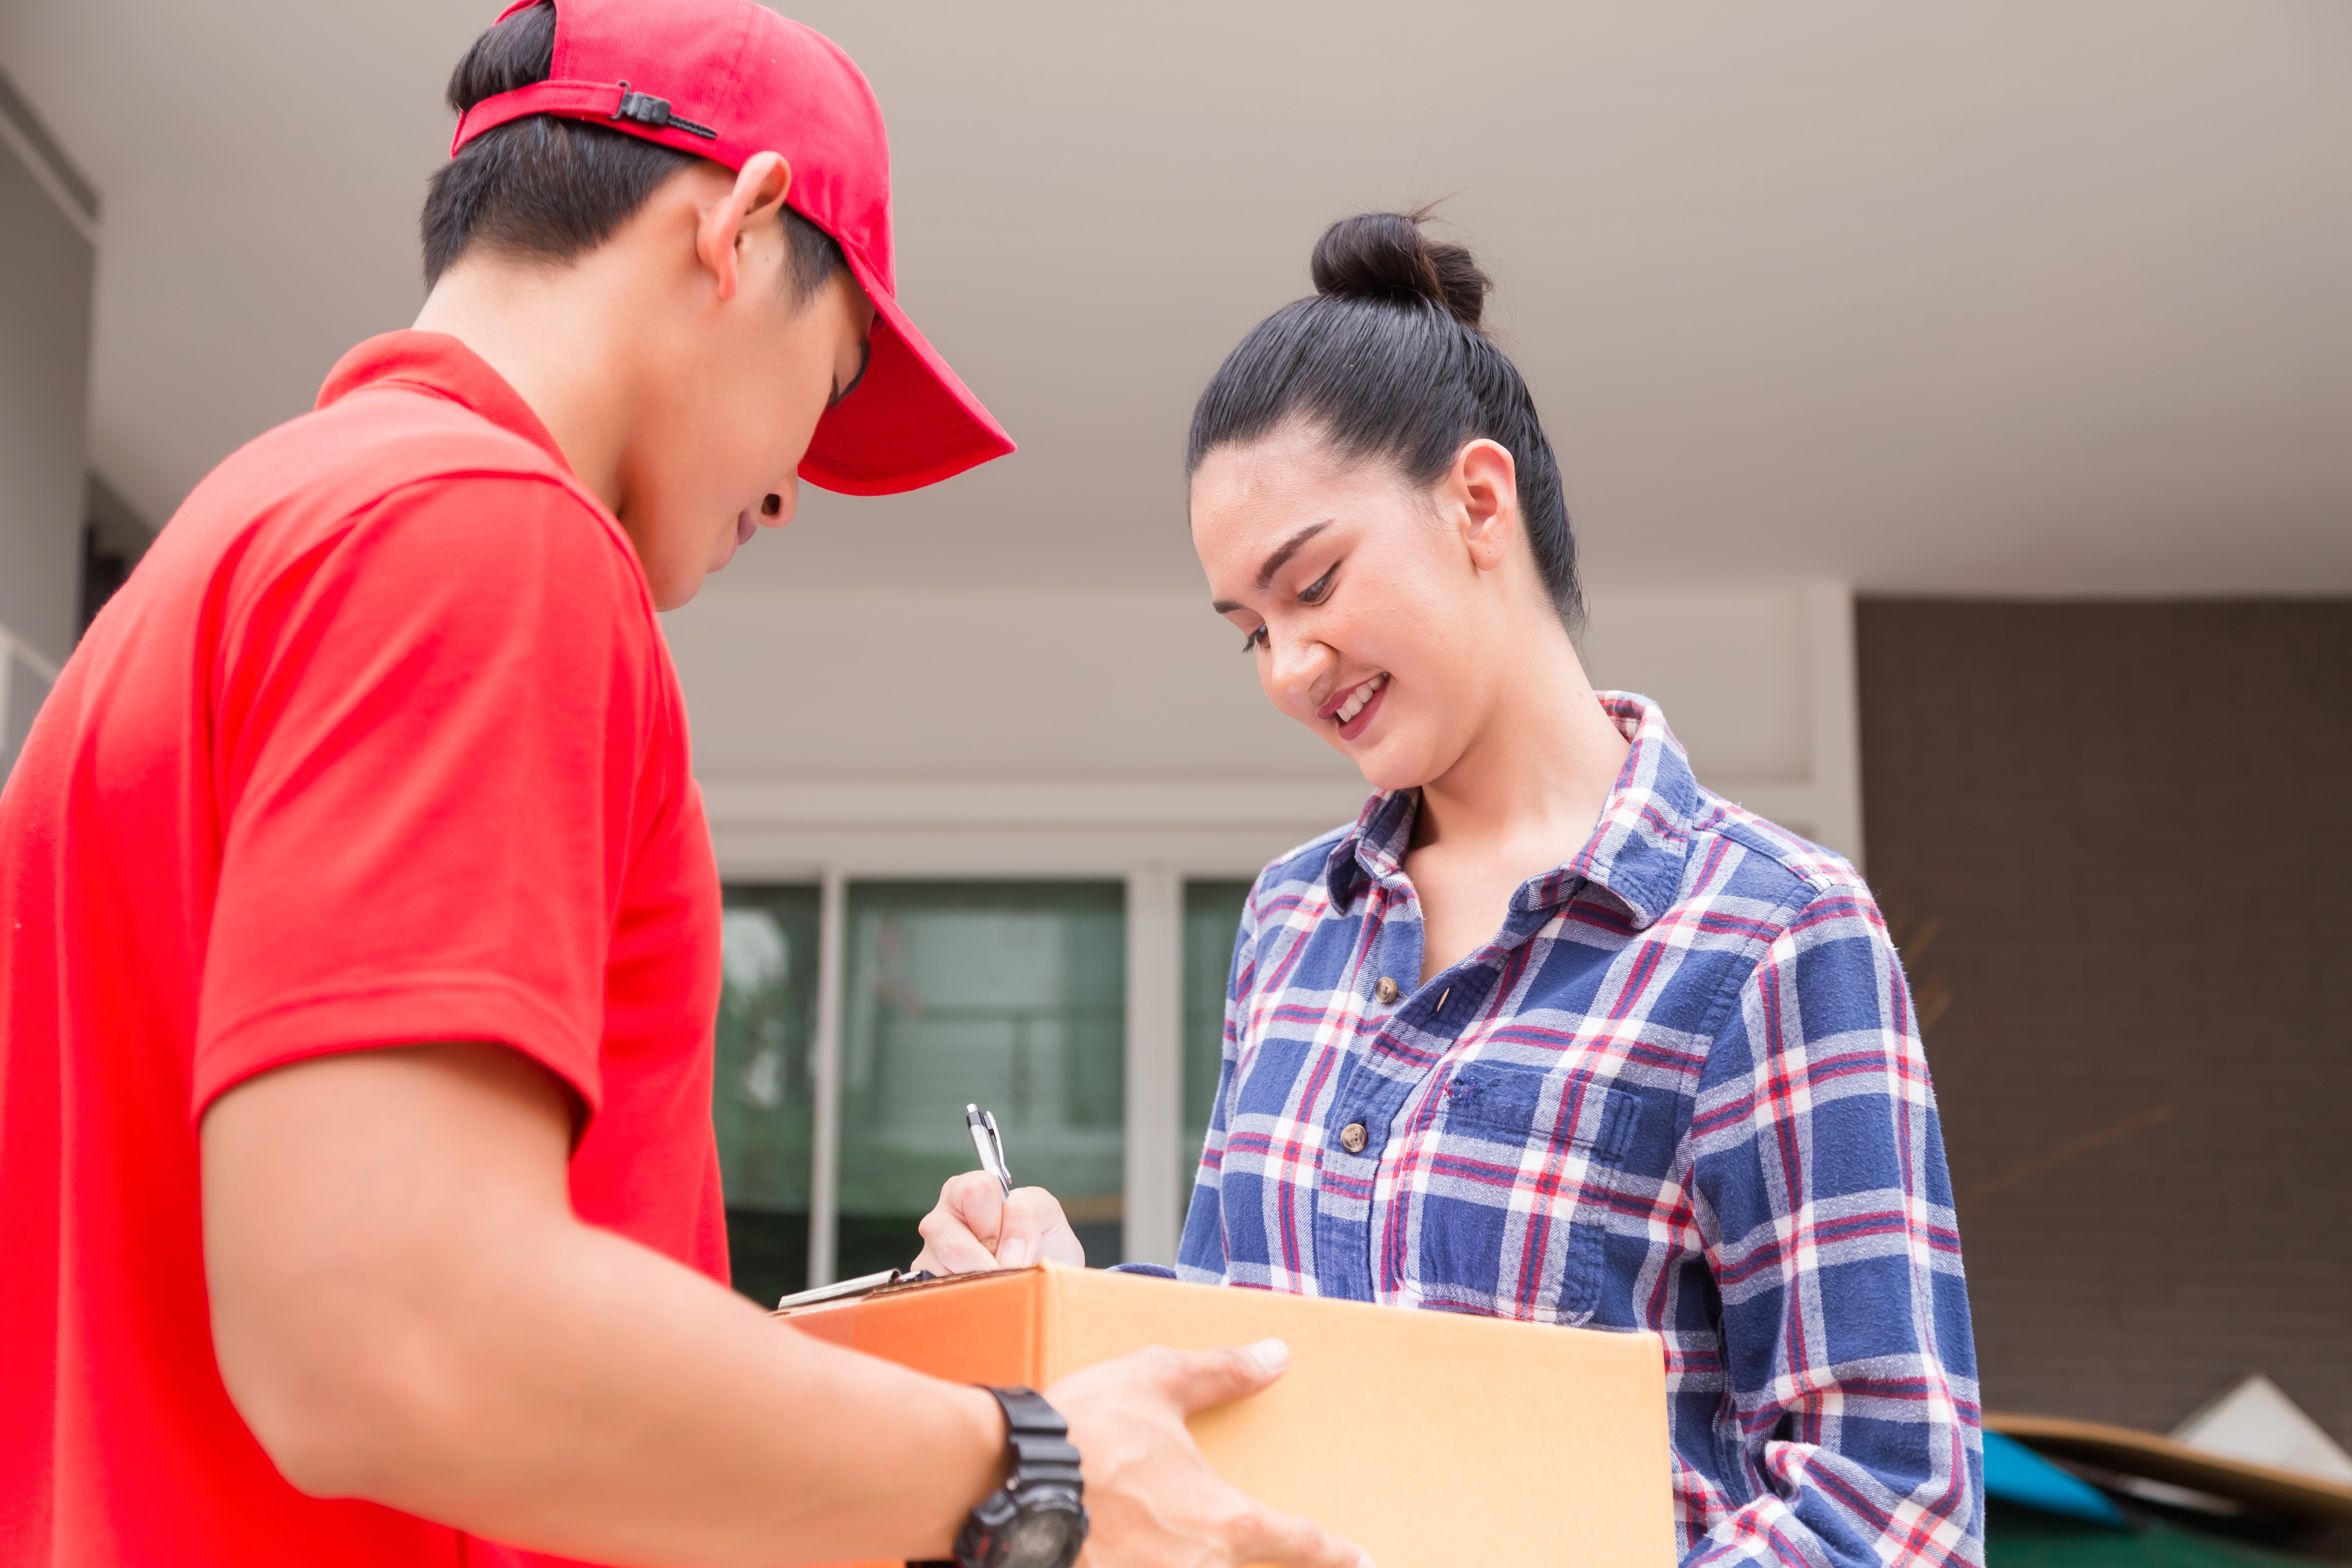 Consejos-para-implementar-el-servicio-de-domicilios-en-su-negocio.